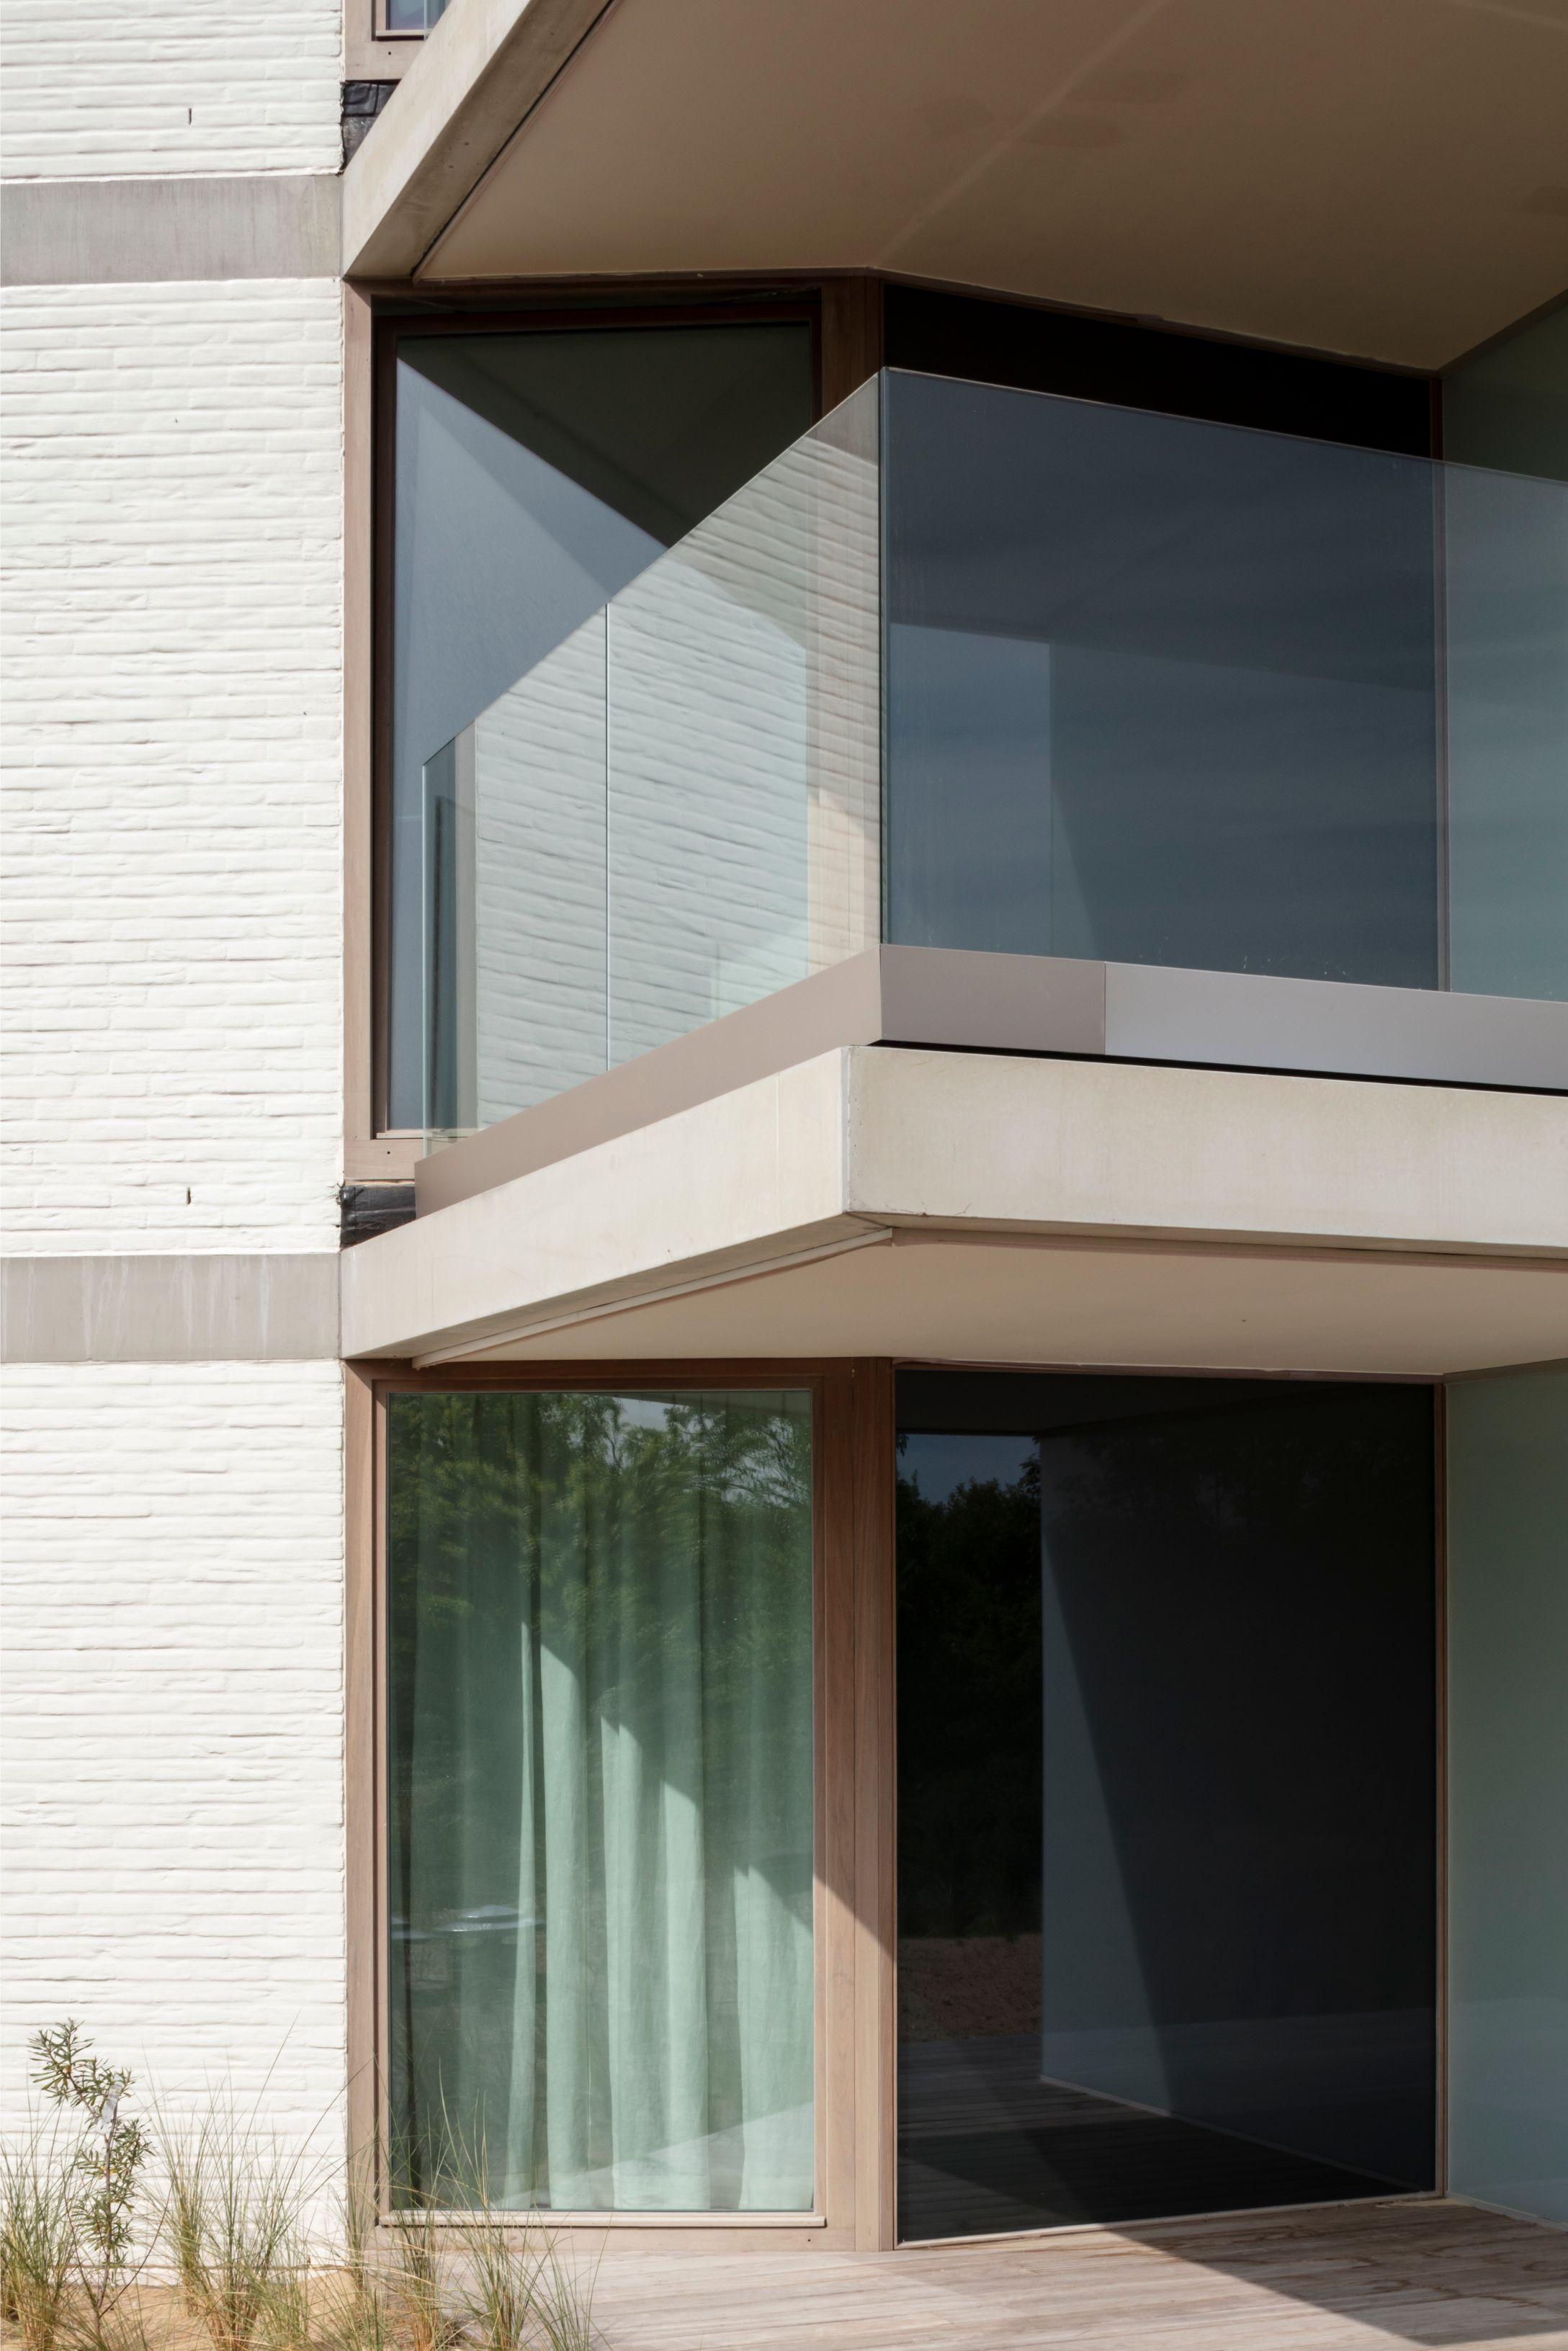 Hans Wegner - Rietveldprojects - Koksijde - Tvdv4.jpg